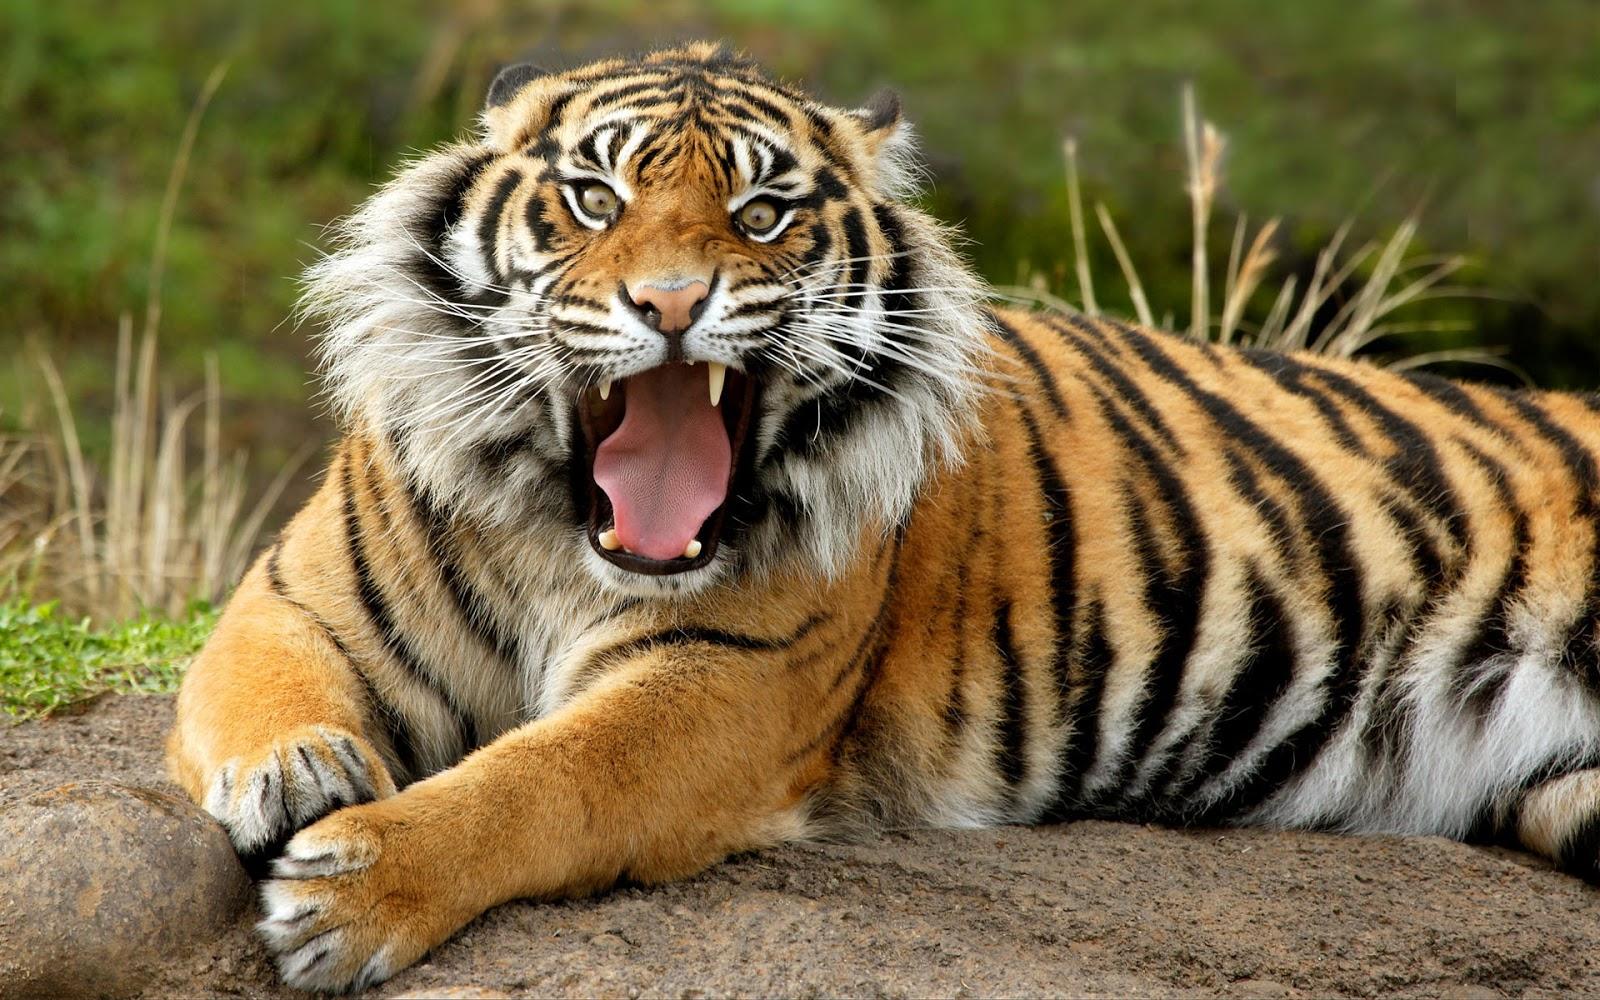 Gambar Harimau Lengkap  Kumpulan Gambar Lengkap